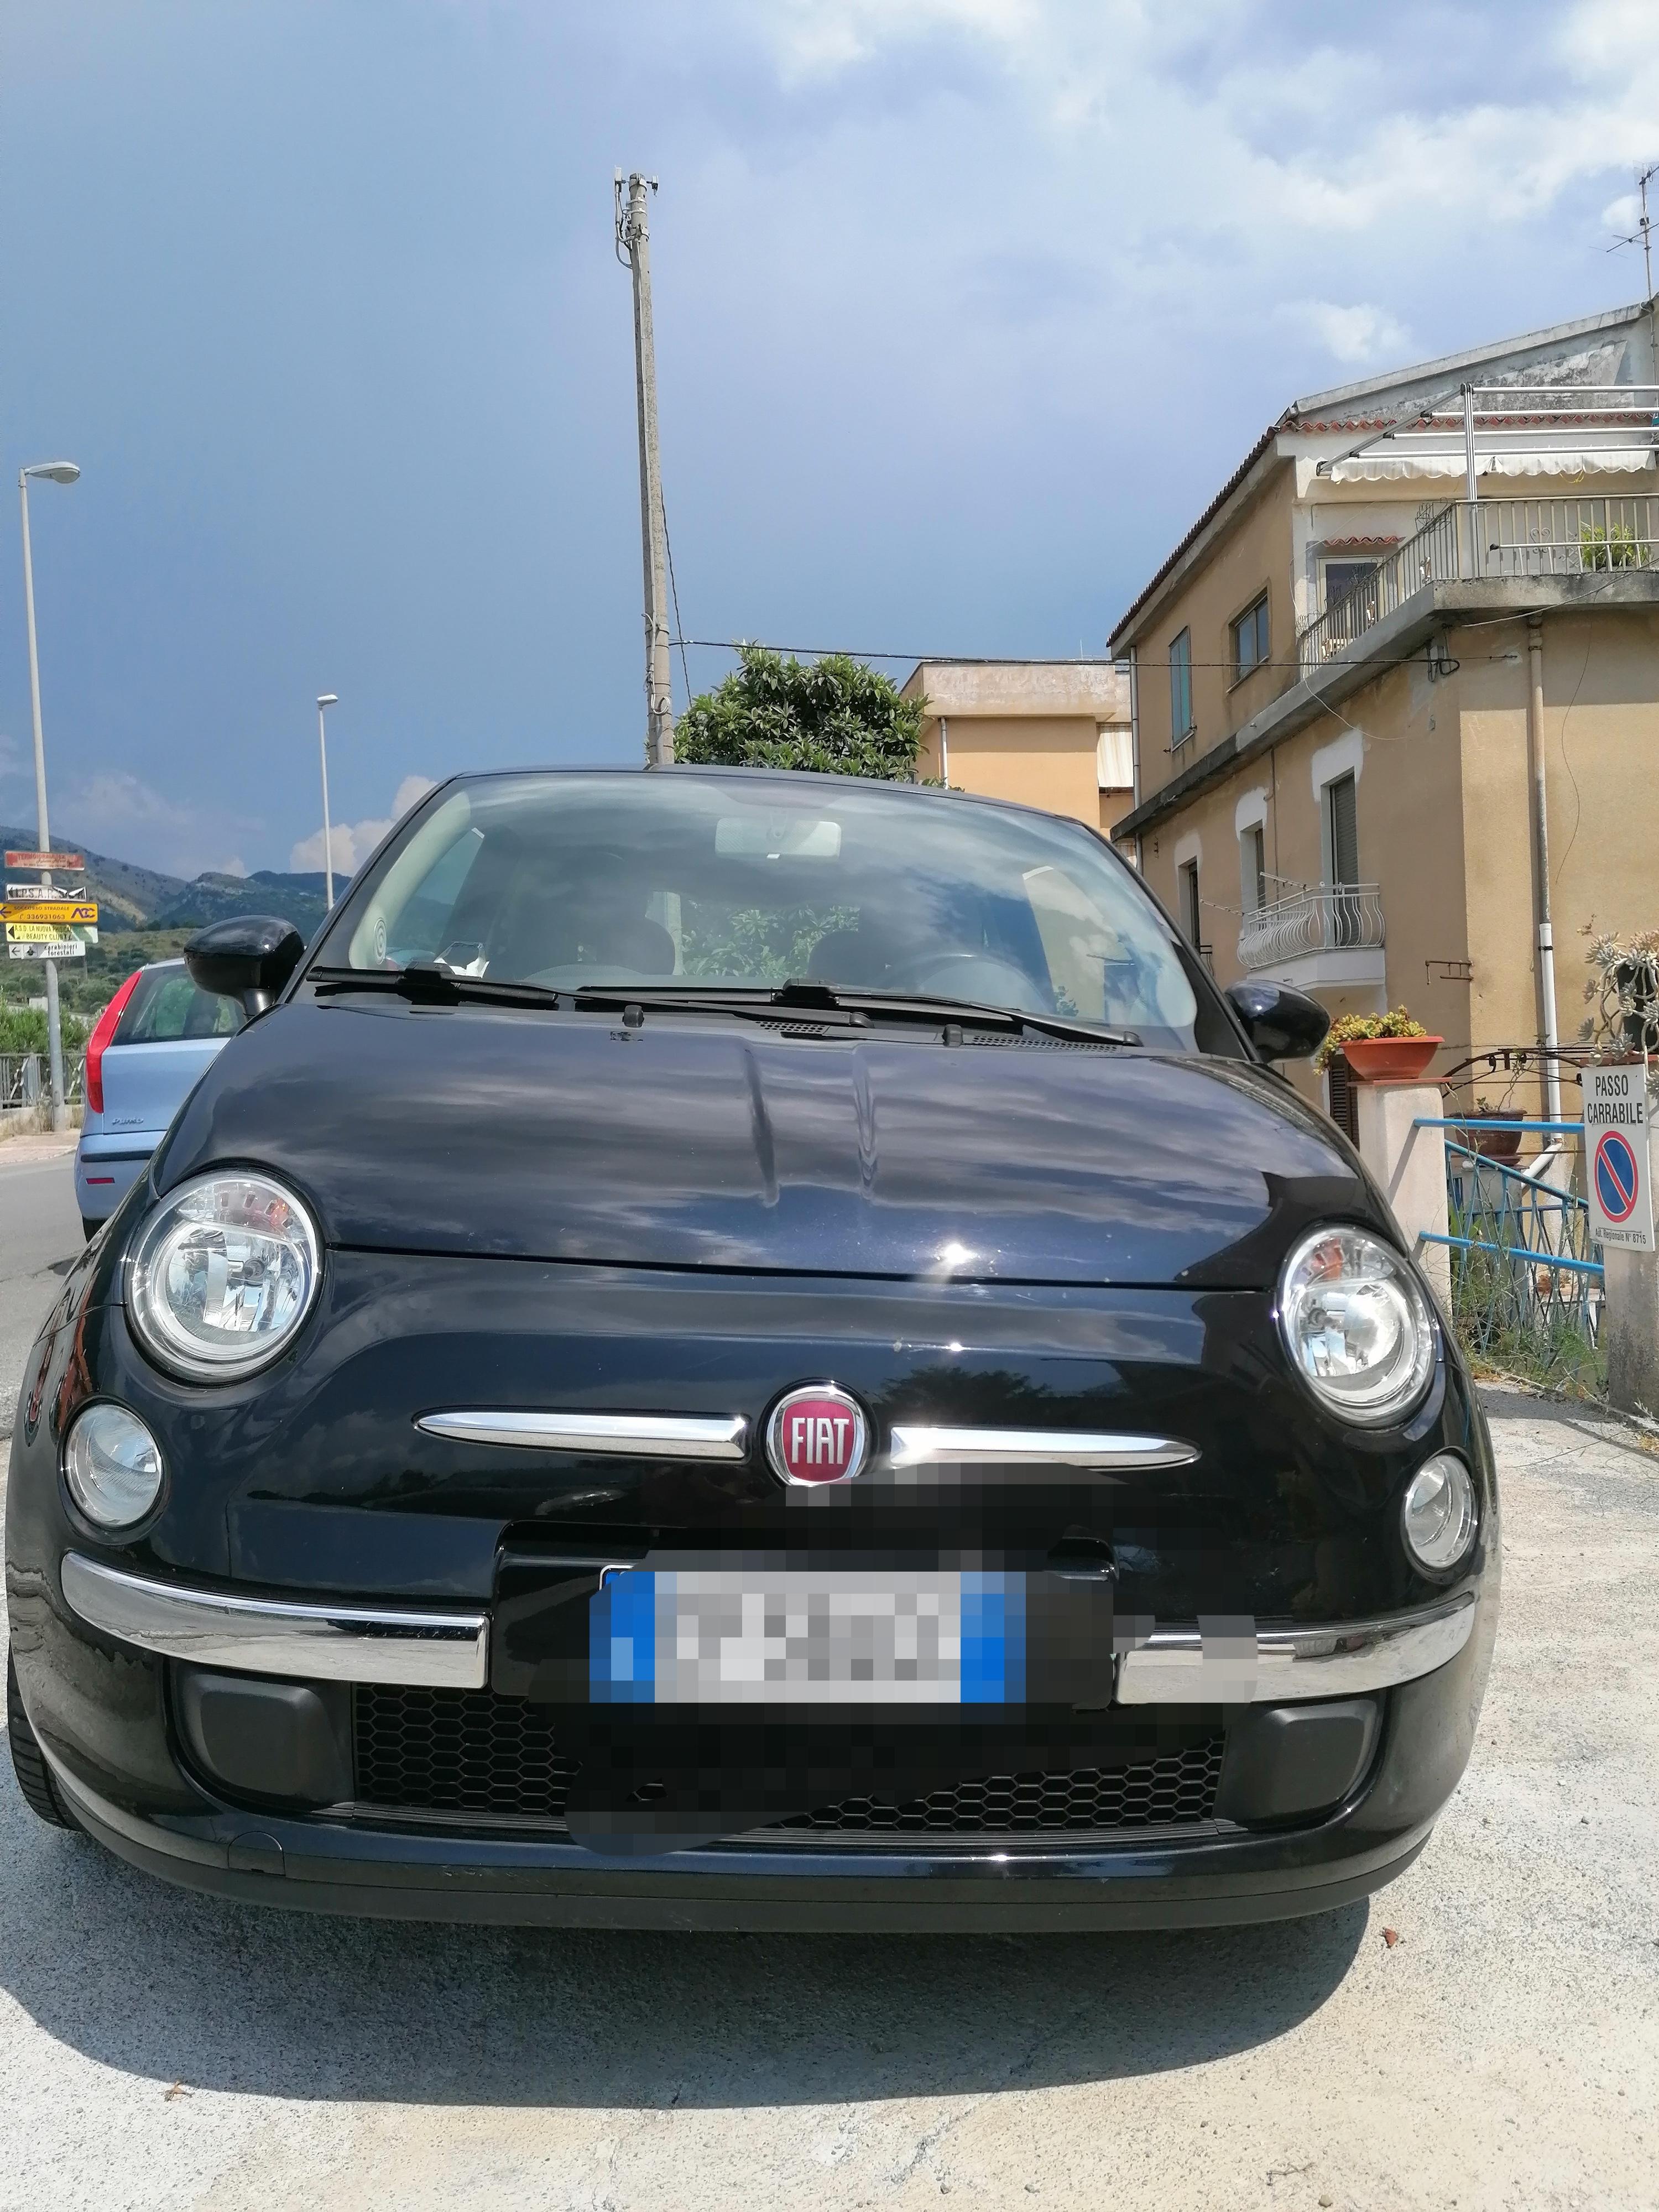 Affare! Fiat 500 Lounge usata vendita da privato